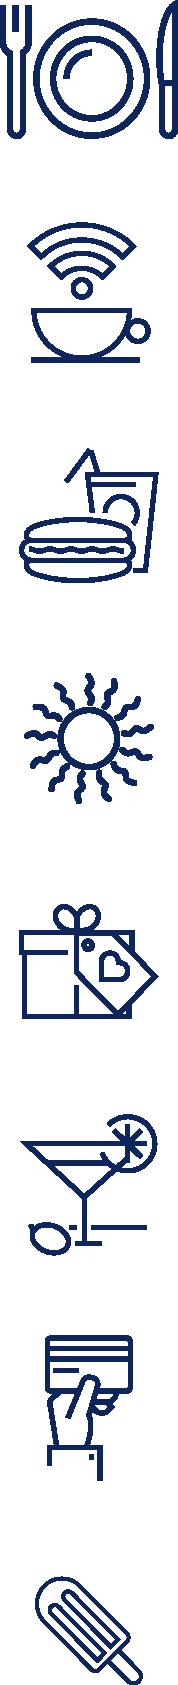 Simbolos Serviços